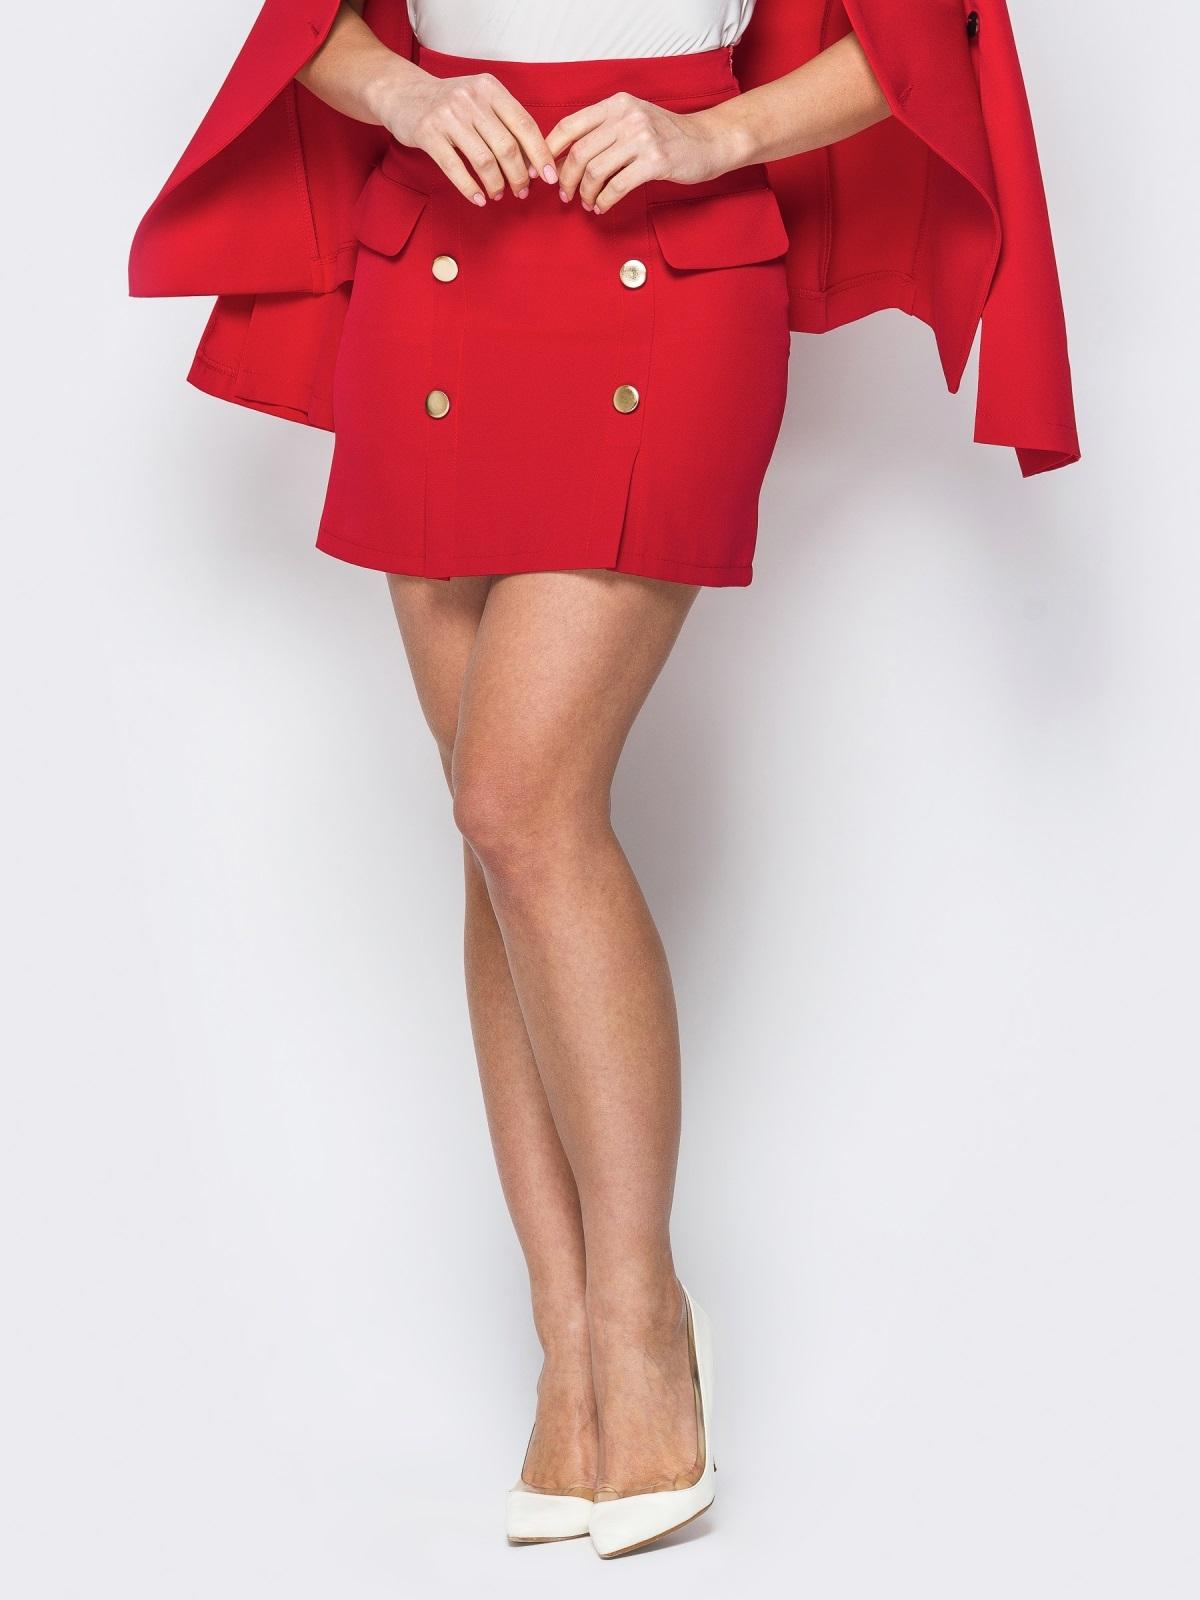 Красная юбка-мини с декоративными клапанами - 19771, фото 1 – интернет-магазин Dressa